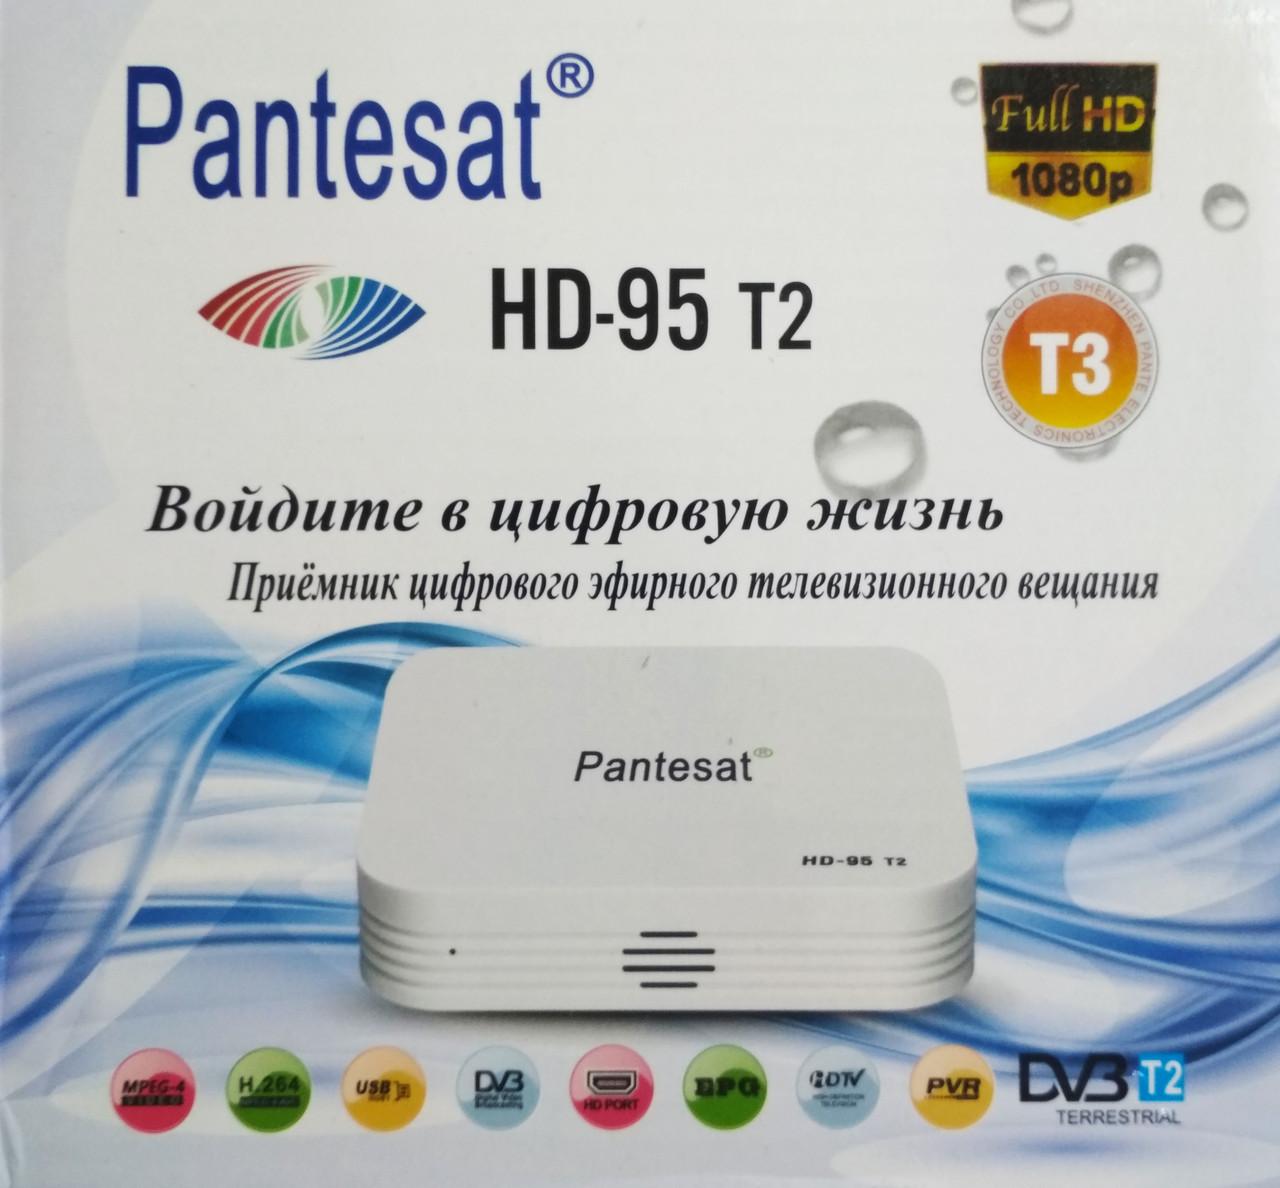 Тюнер Pantesat HD-95 T2 для просмотра цифрового эфирного телевидения